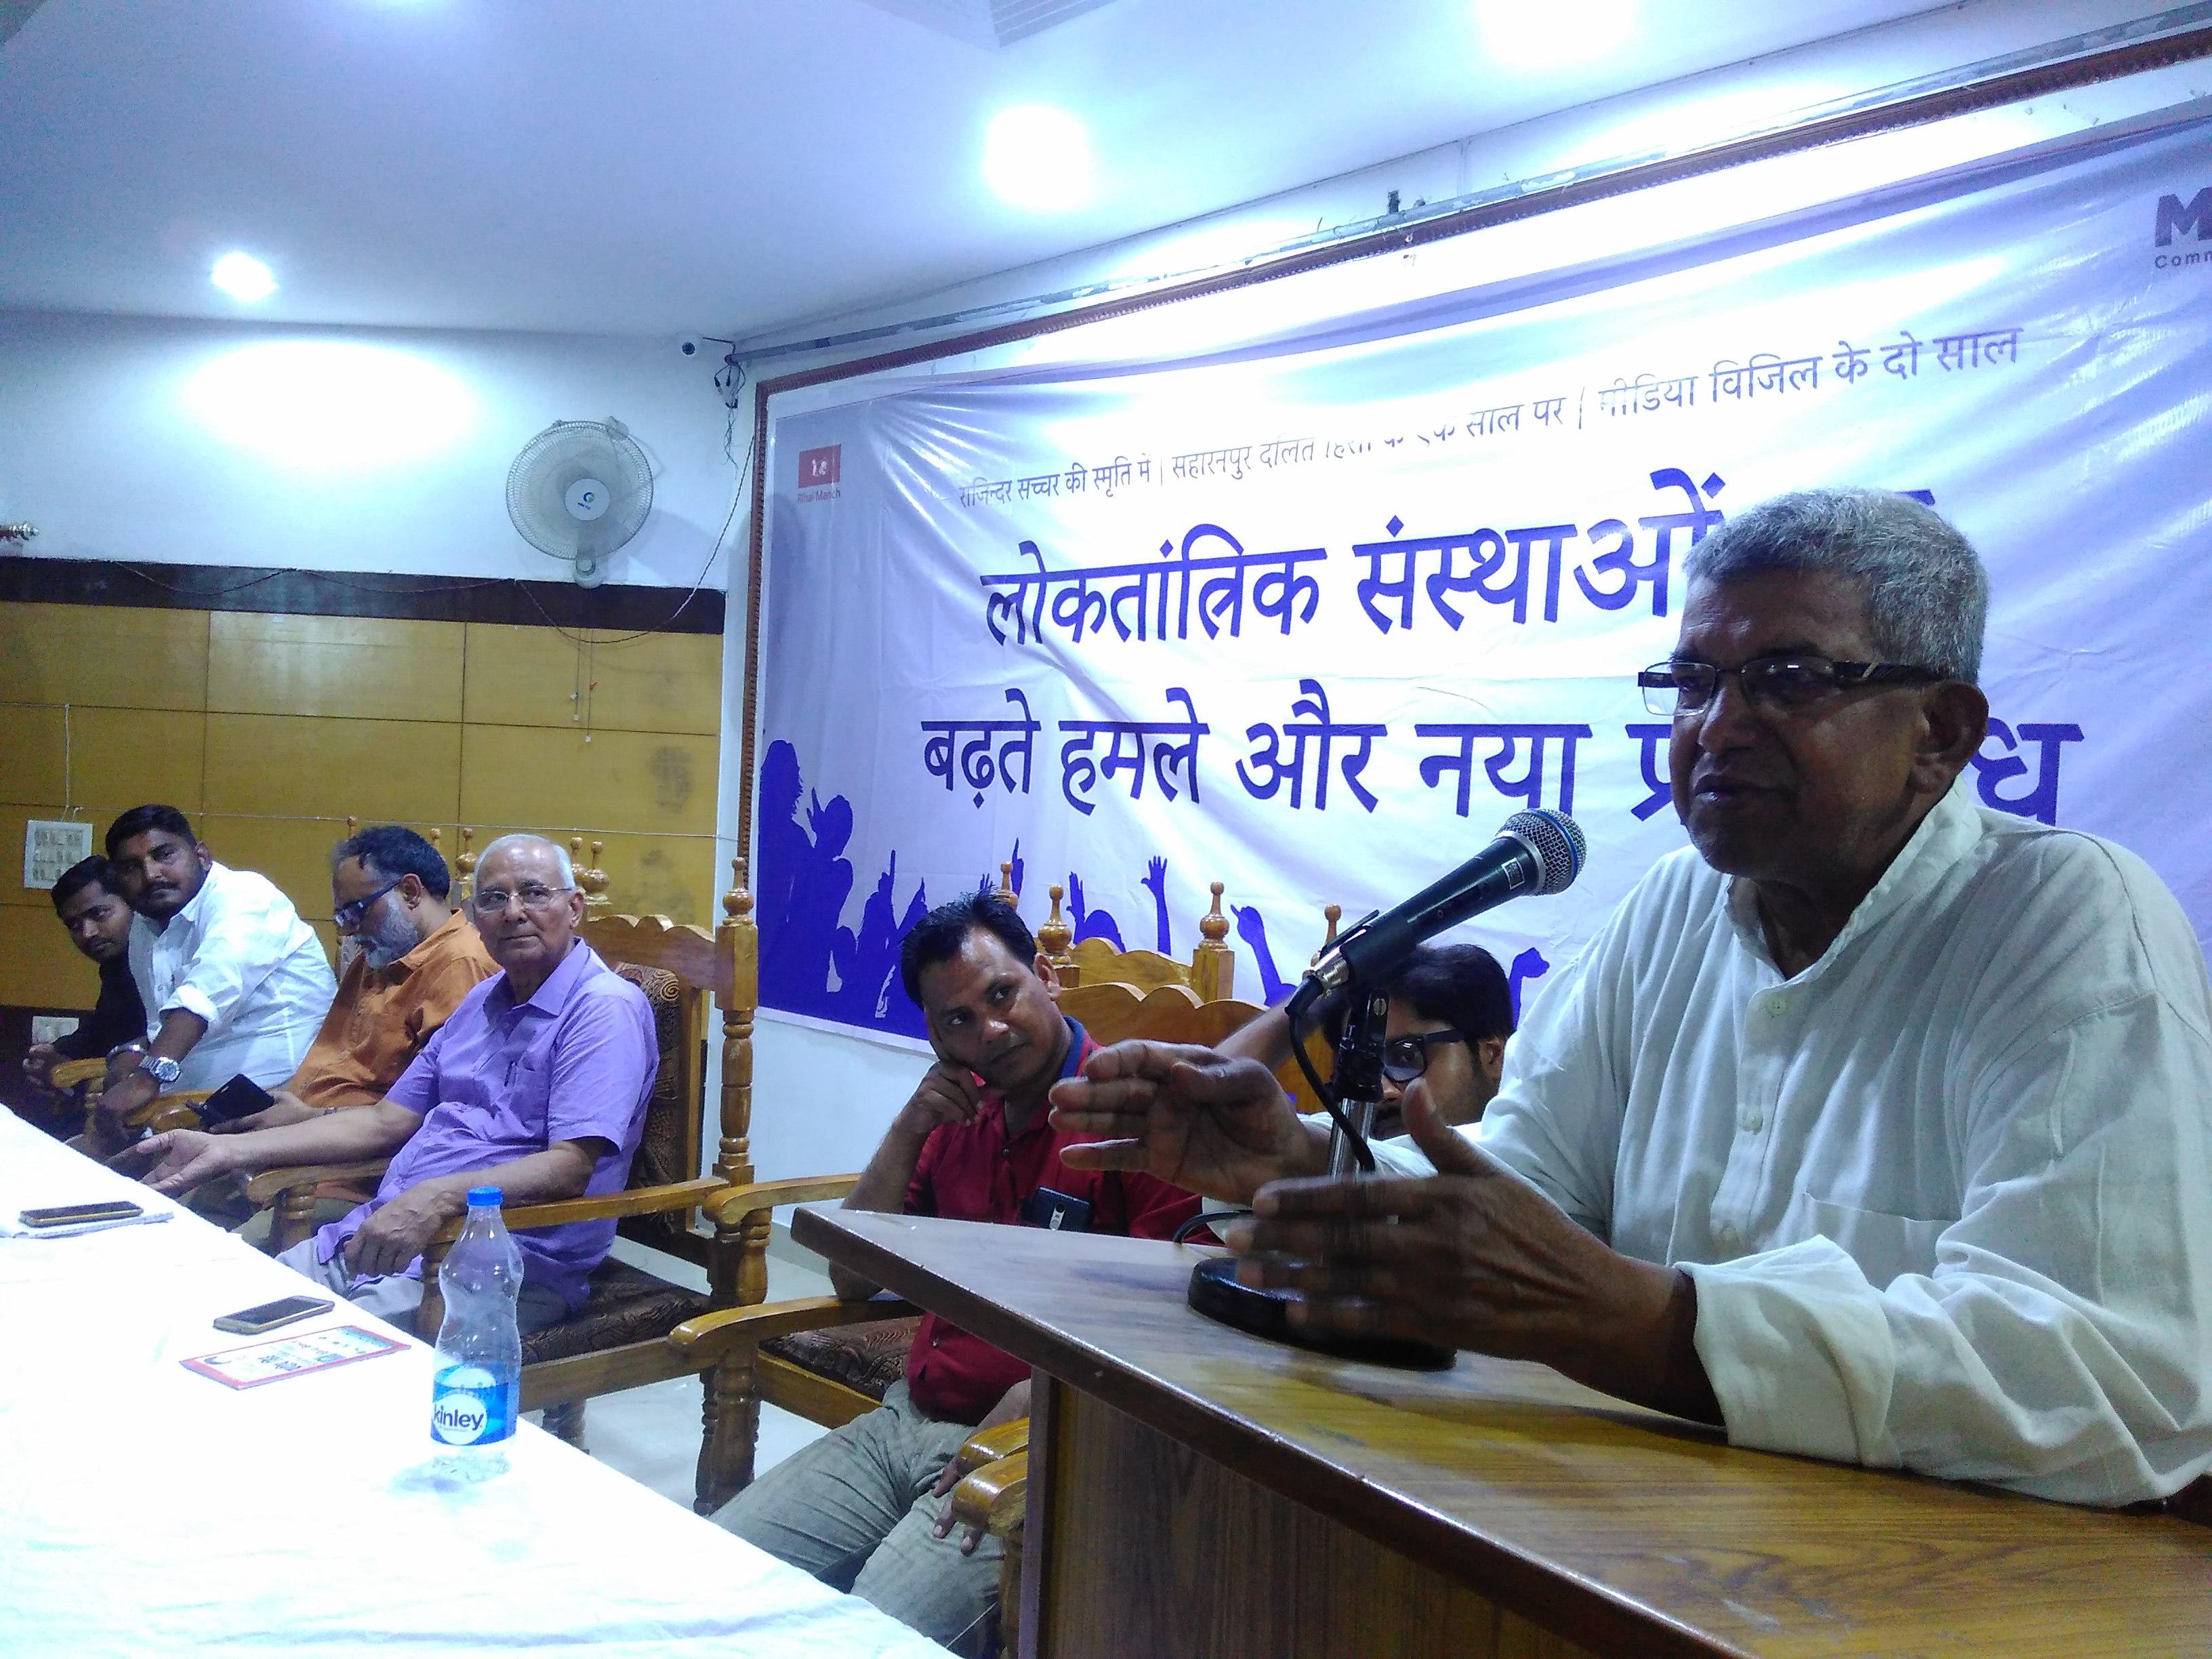 नया प्रतिरोध' पर सम्मलेन